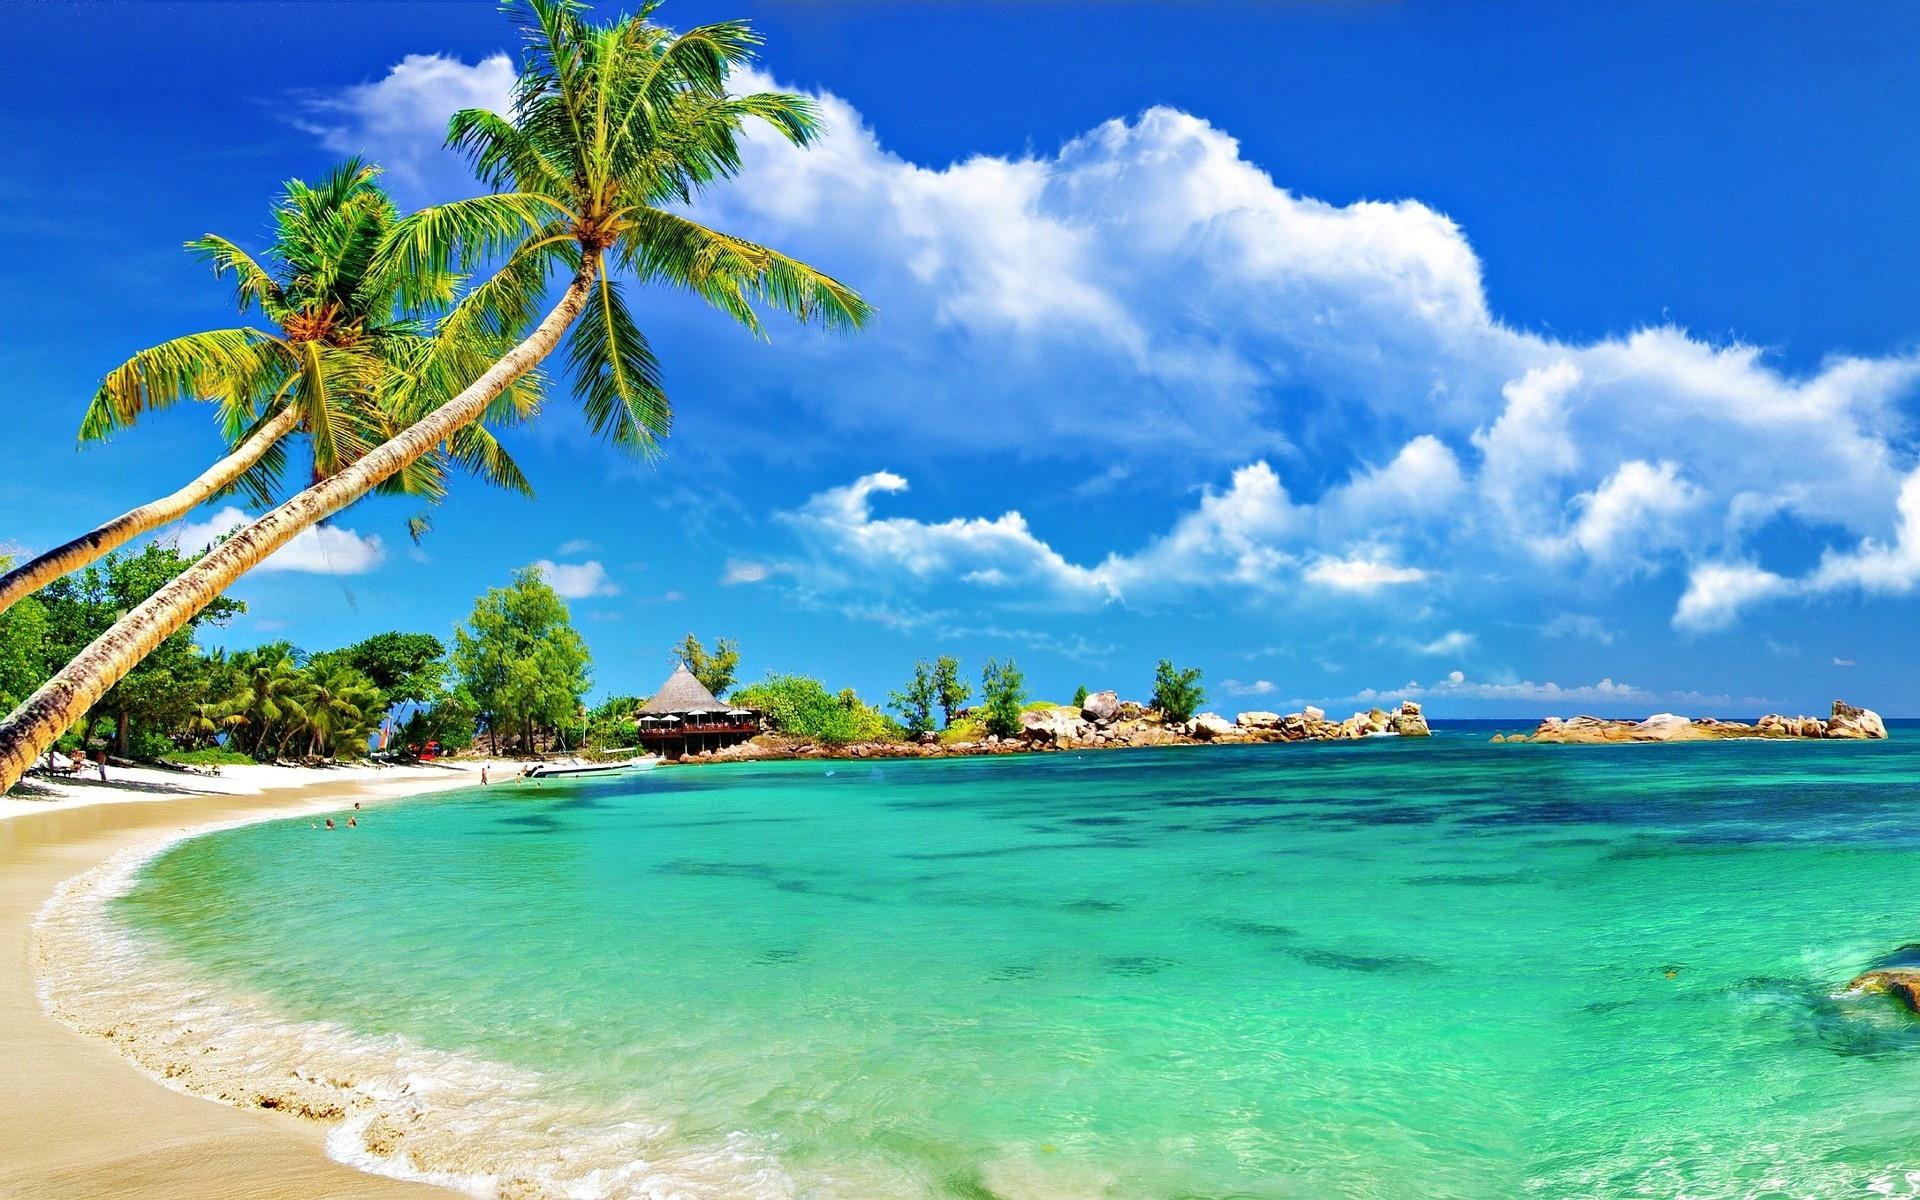 Tropical Beach HD Wallpaper Tropical Beach Images 1920x1200